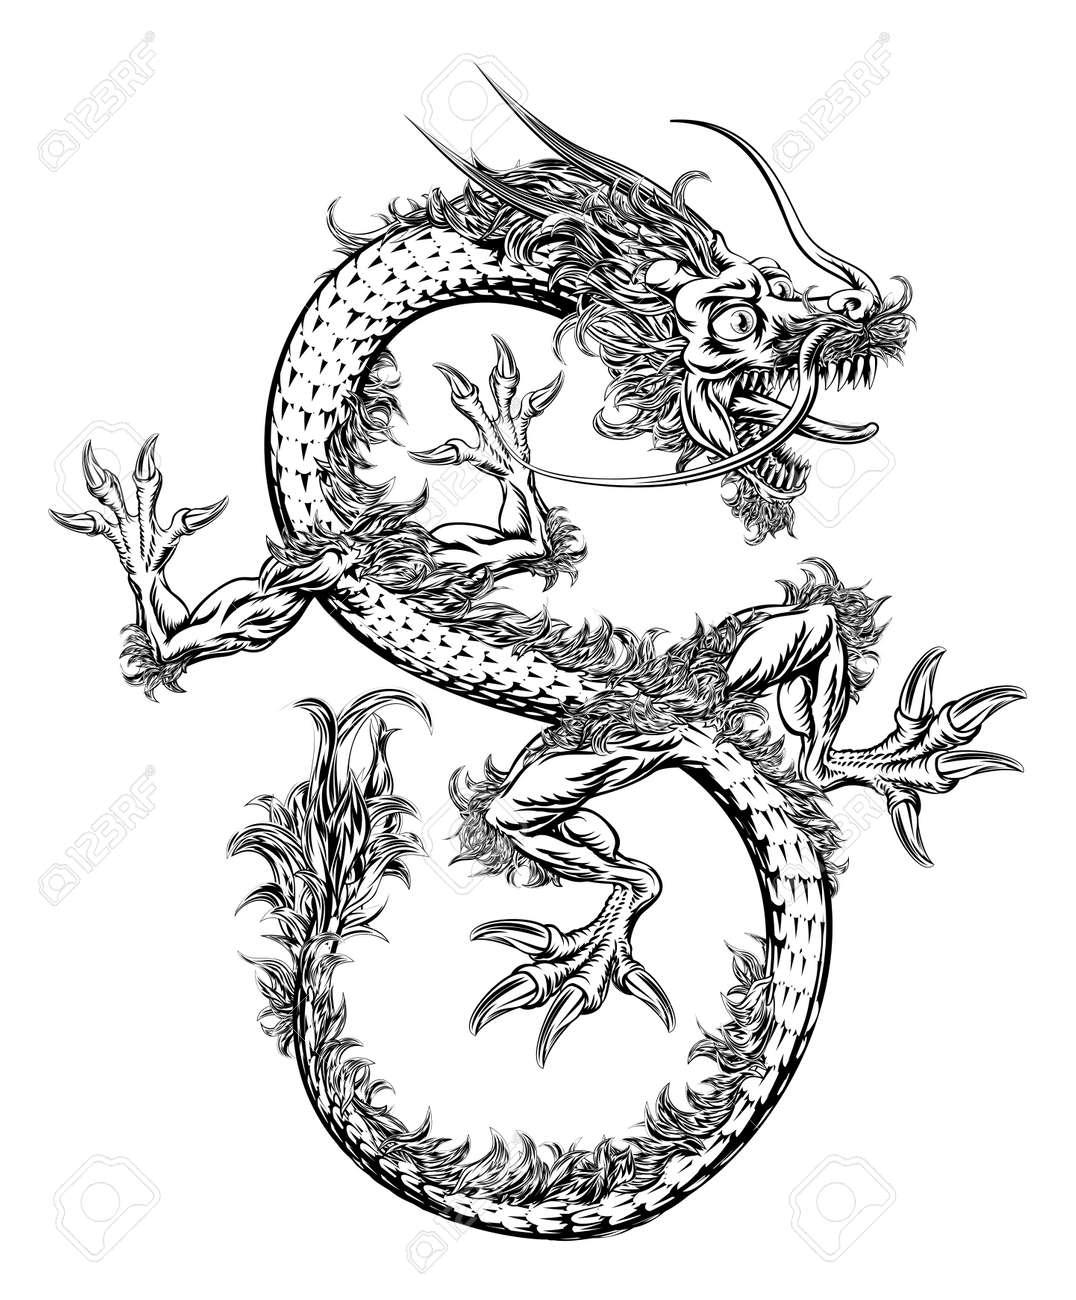 Ein Schwarz-Weiß-Darstellung Eines Chinesischen Oder Japanischen ...